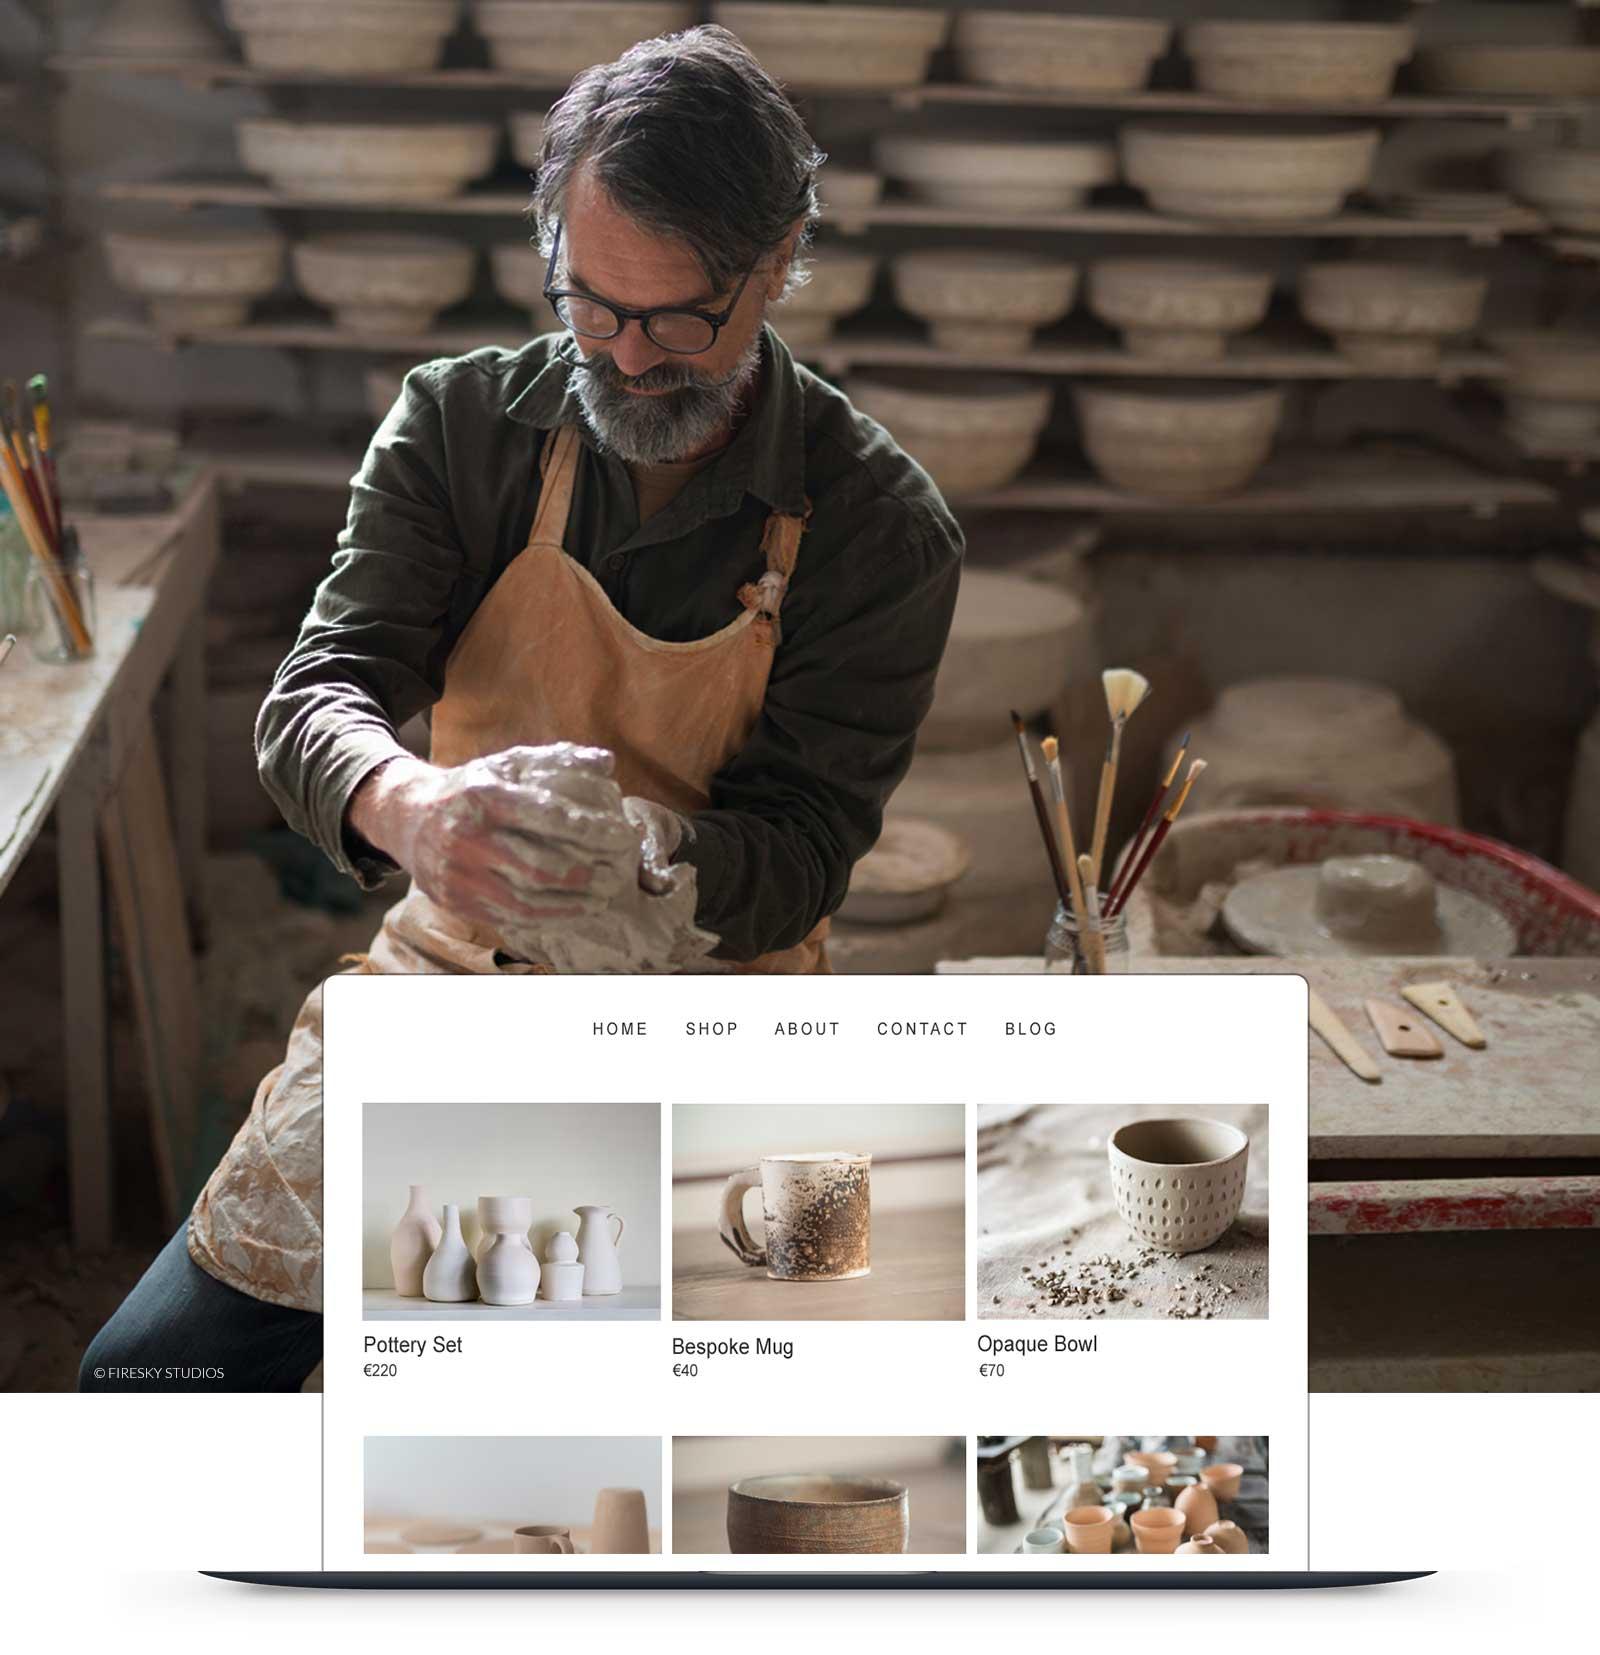 Ecommerce Websites Designed Using WordPress